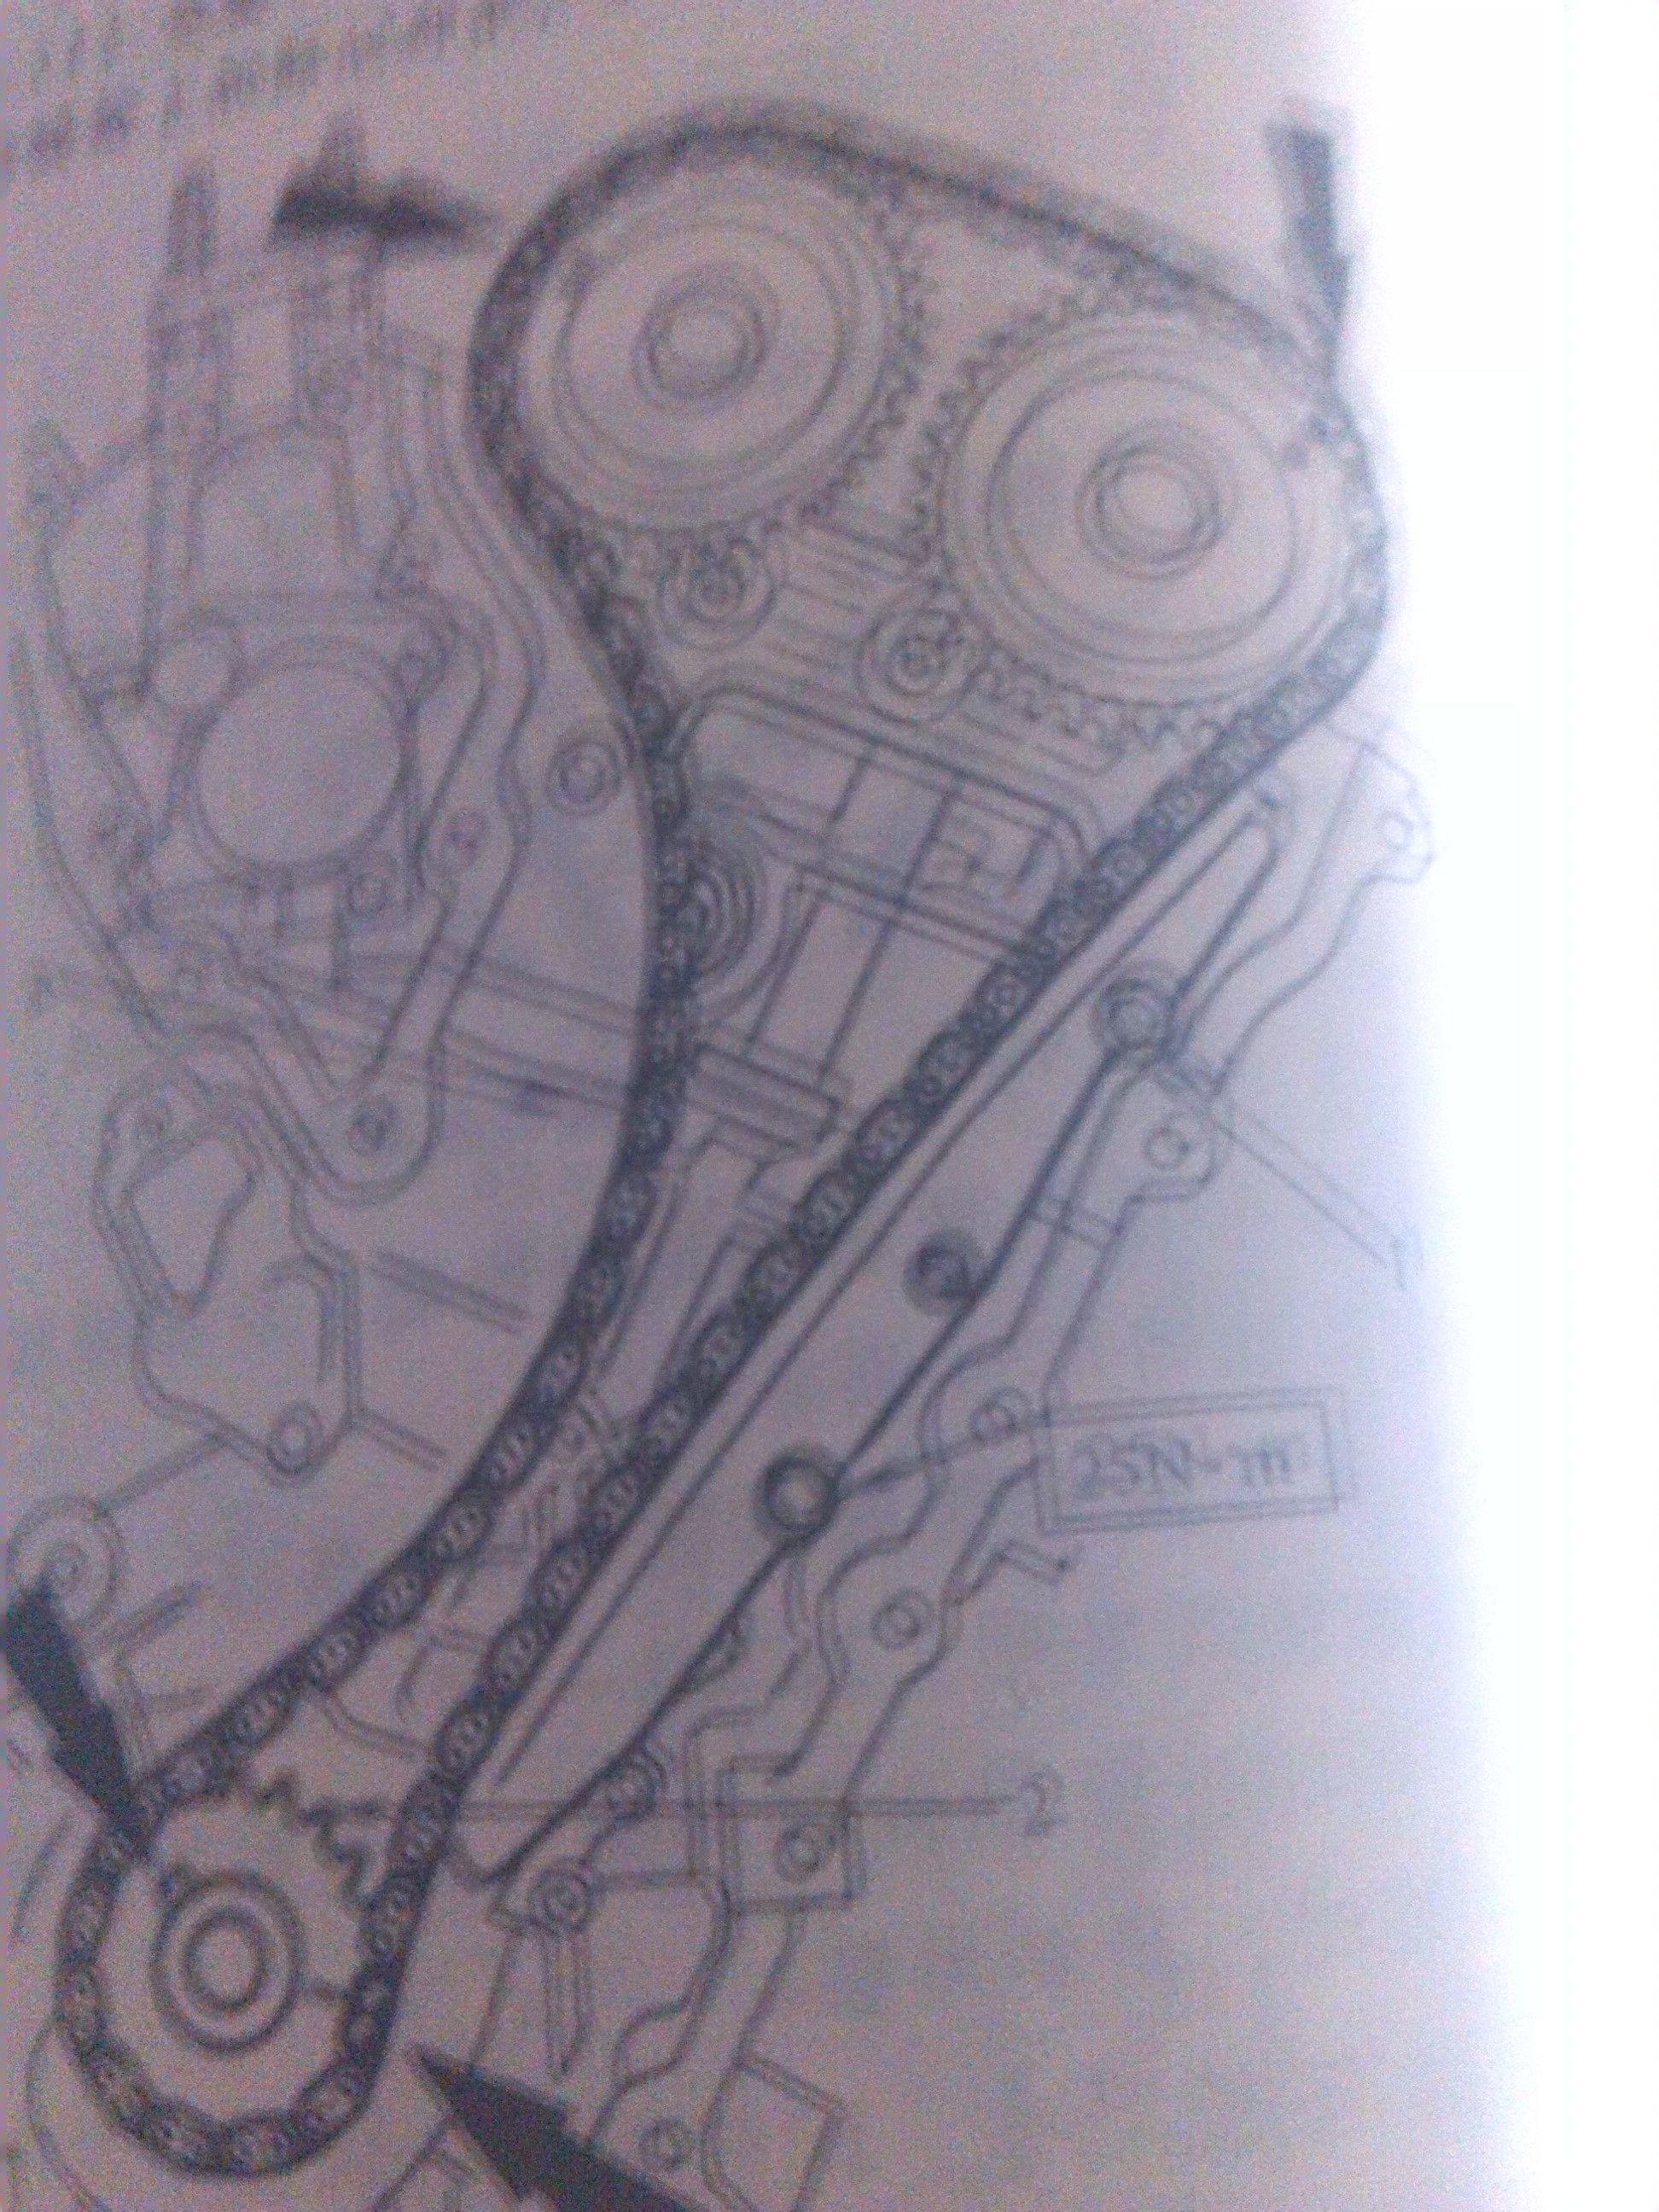 长安福特蒙迪欧2013_福特蒙迪欧2.3L3发动机正时链条怎么安装,求专家详细解答,谢谢 ...